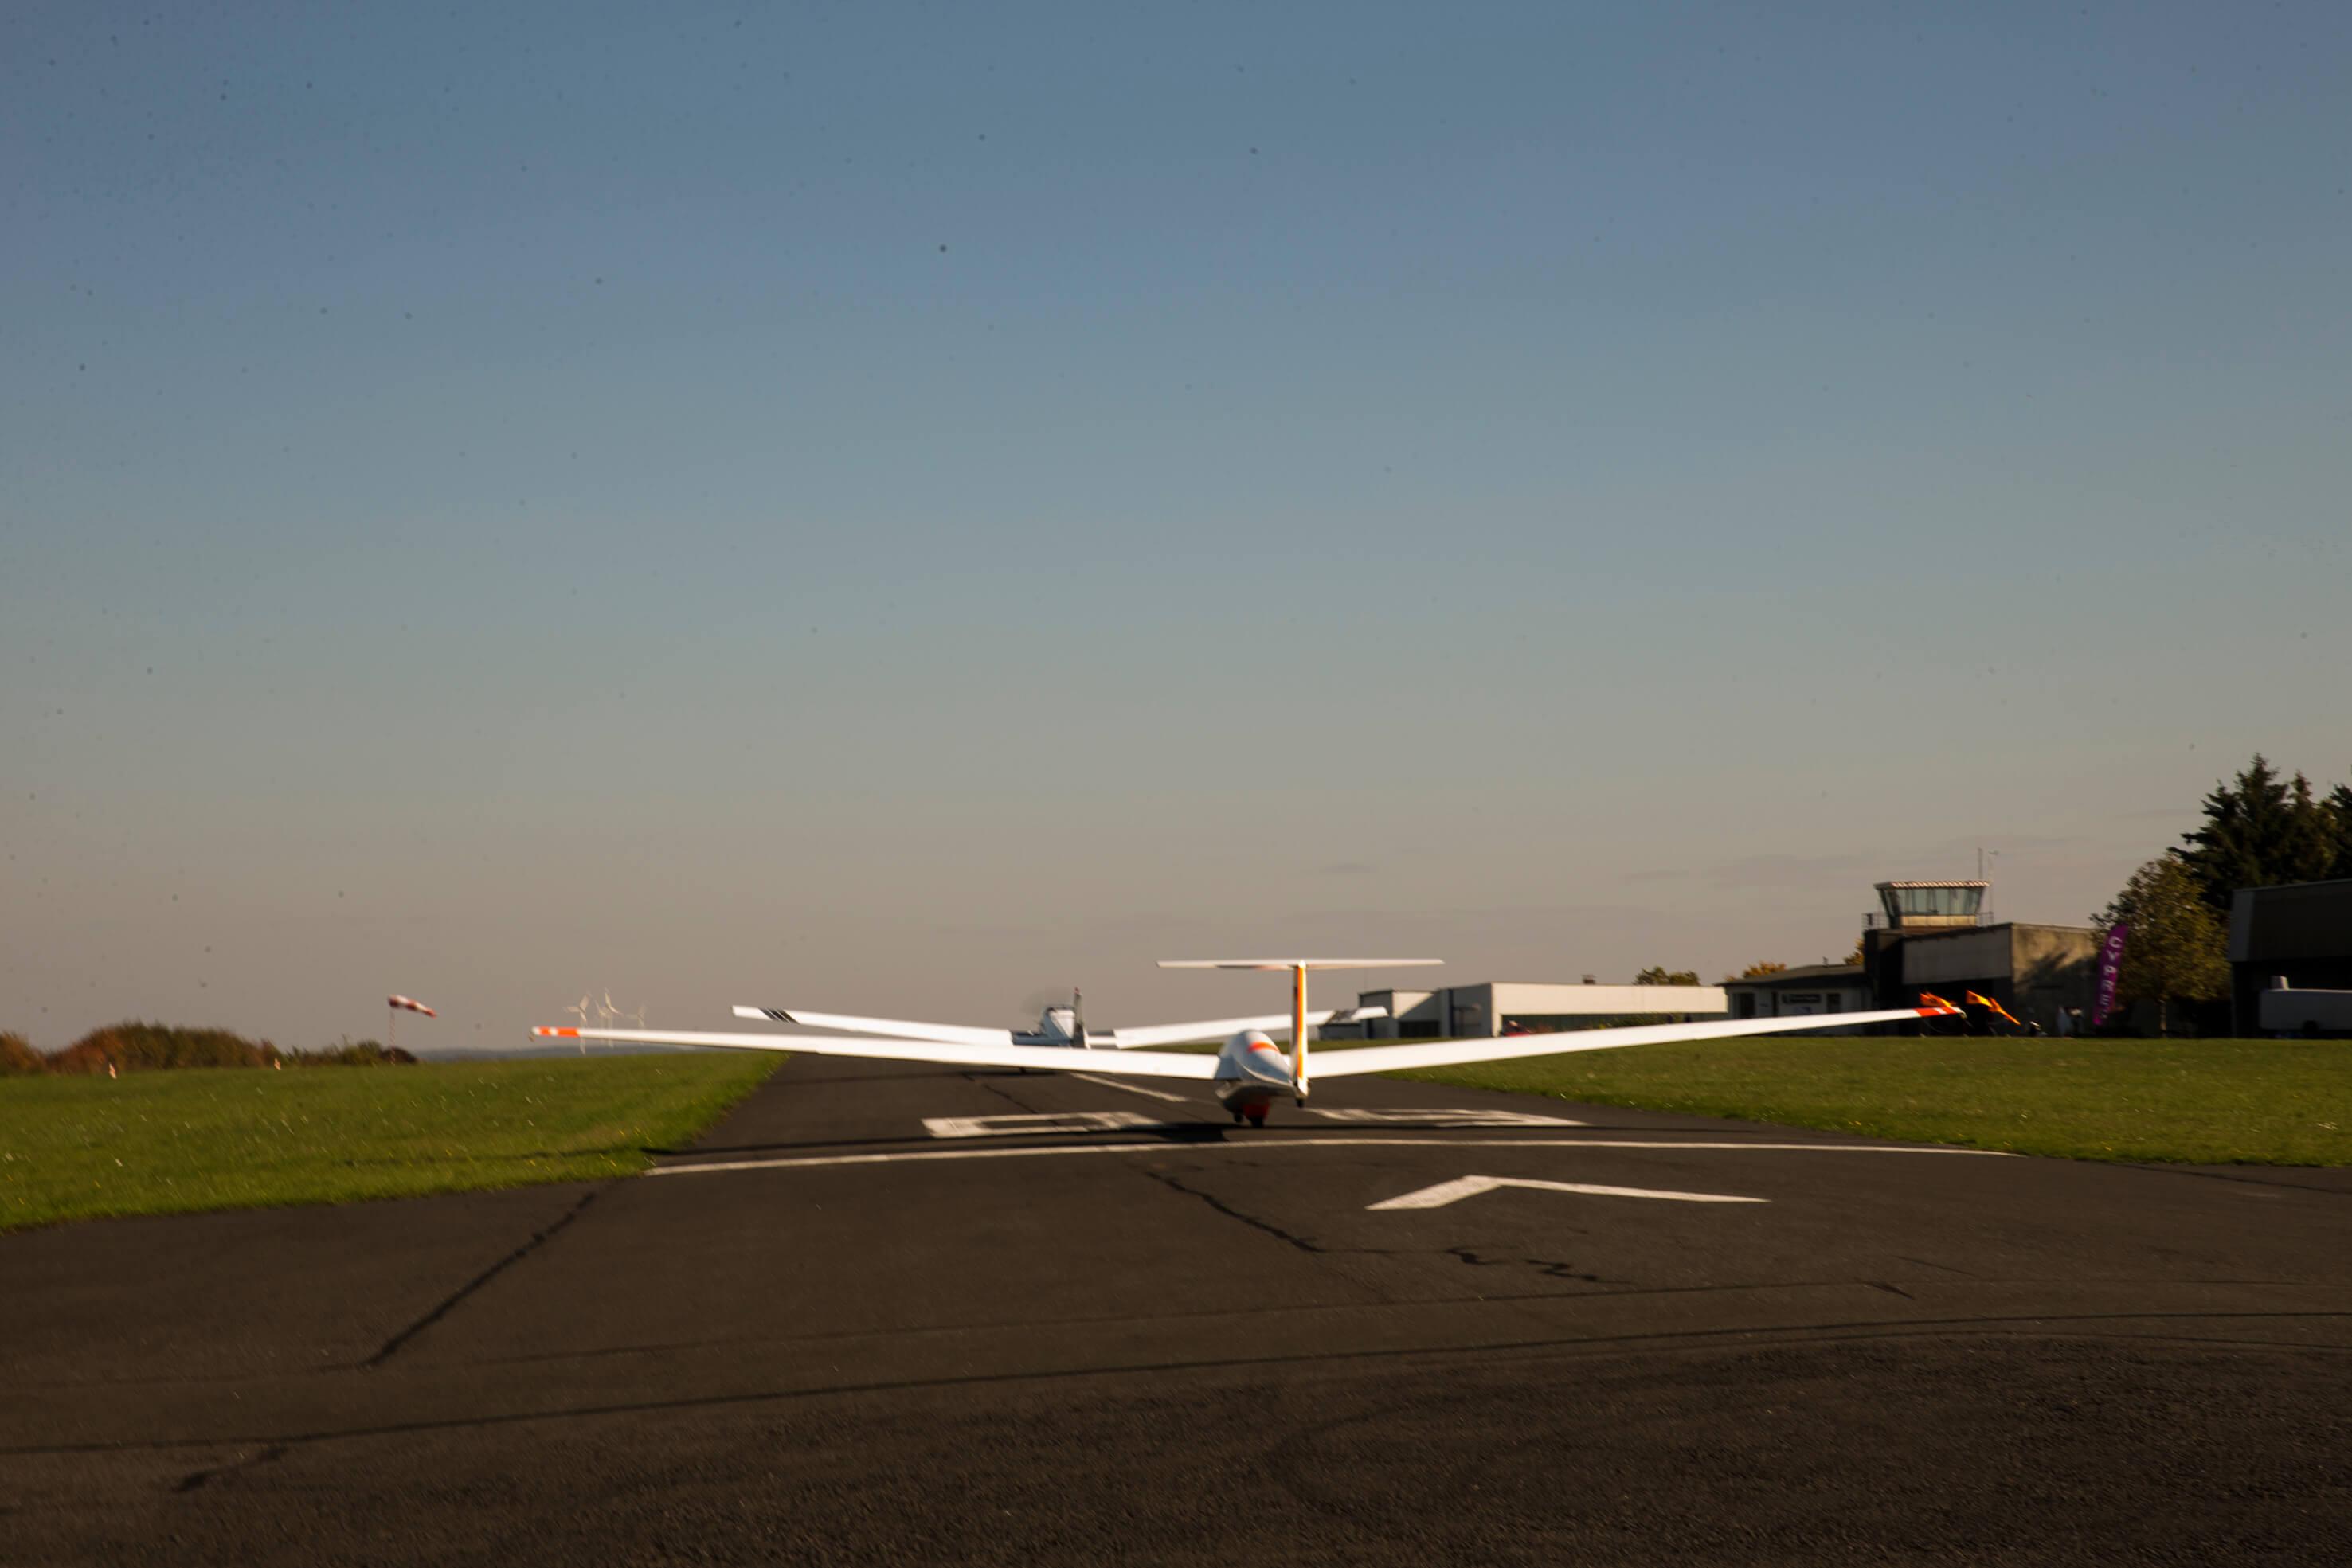 Segelflugschlepp am Startpunkt 09